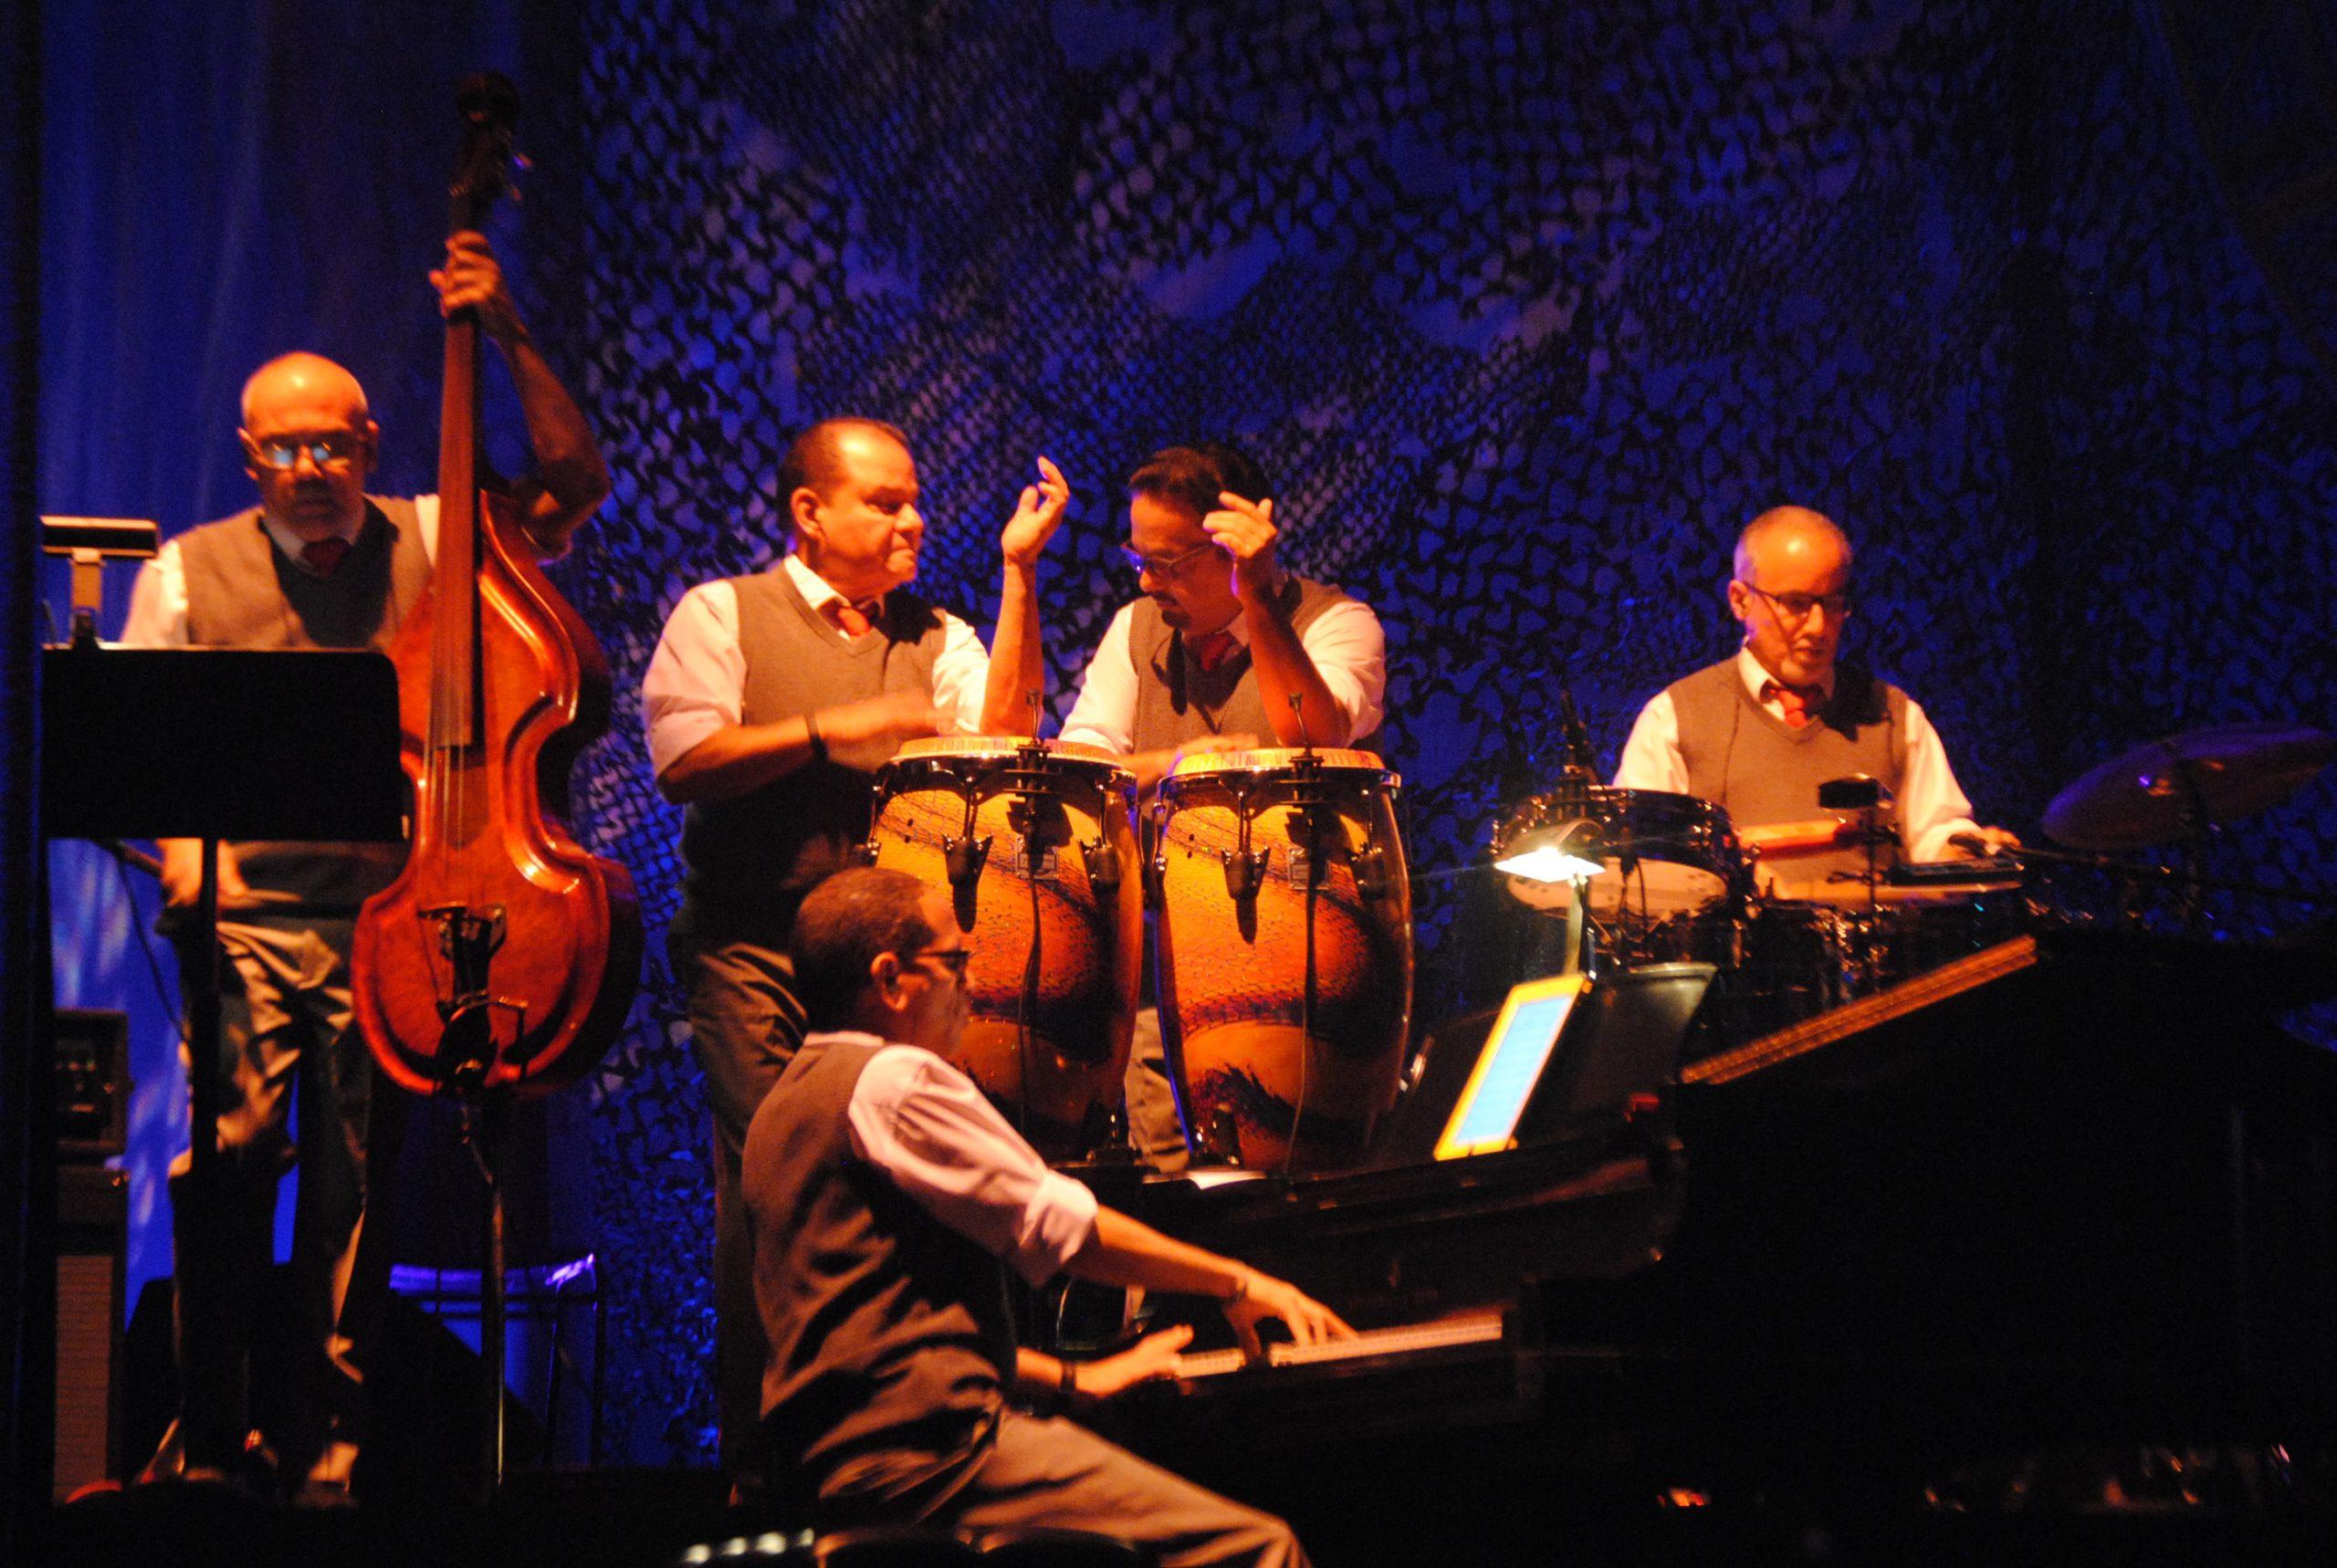 La excelencia musical enmarcó la presentación de Santa Risa en este regreso a Bellas Artes. (Foto Jaime Torres Torres para Fundación Nacional para la Cultura Popular)